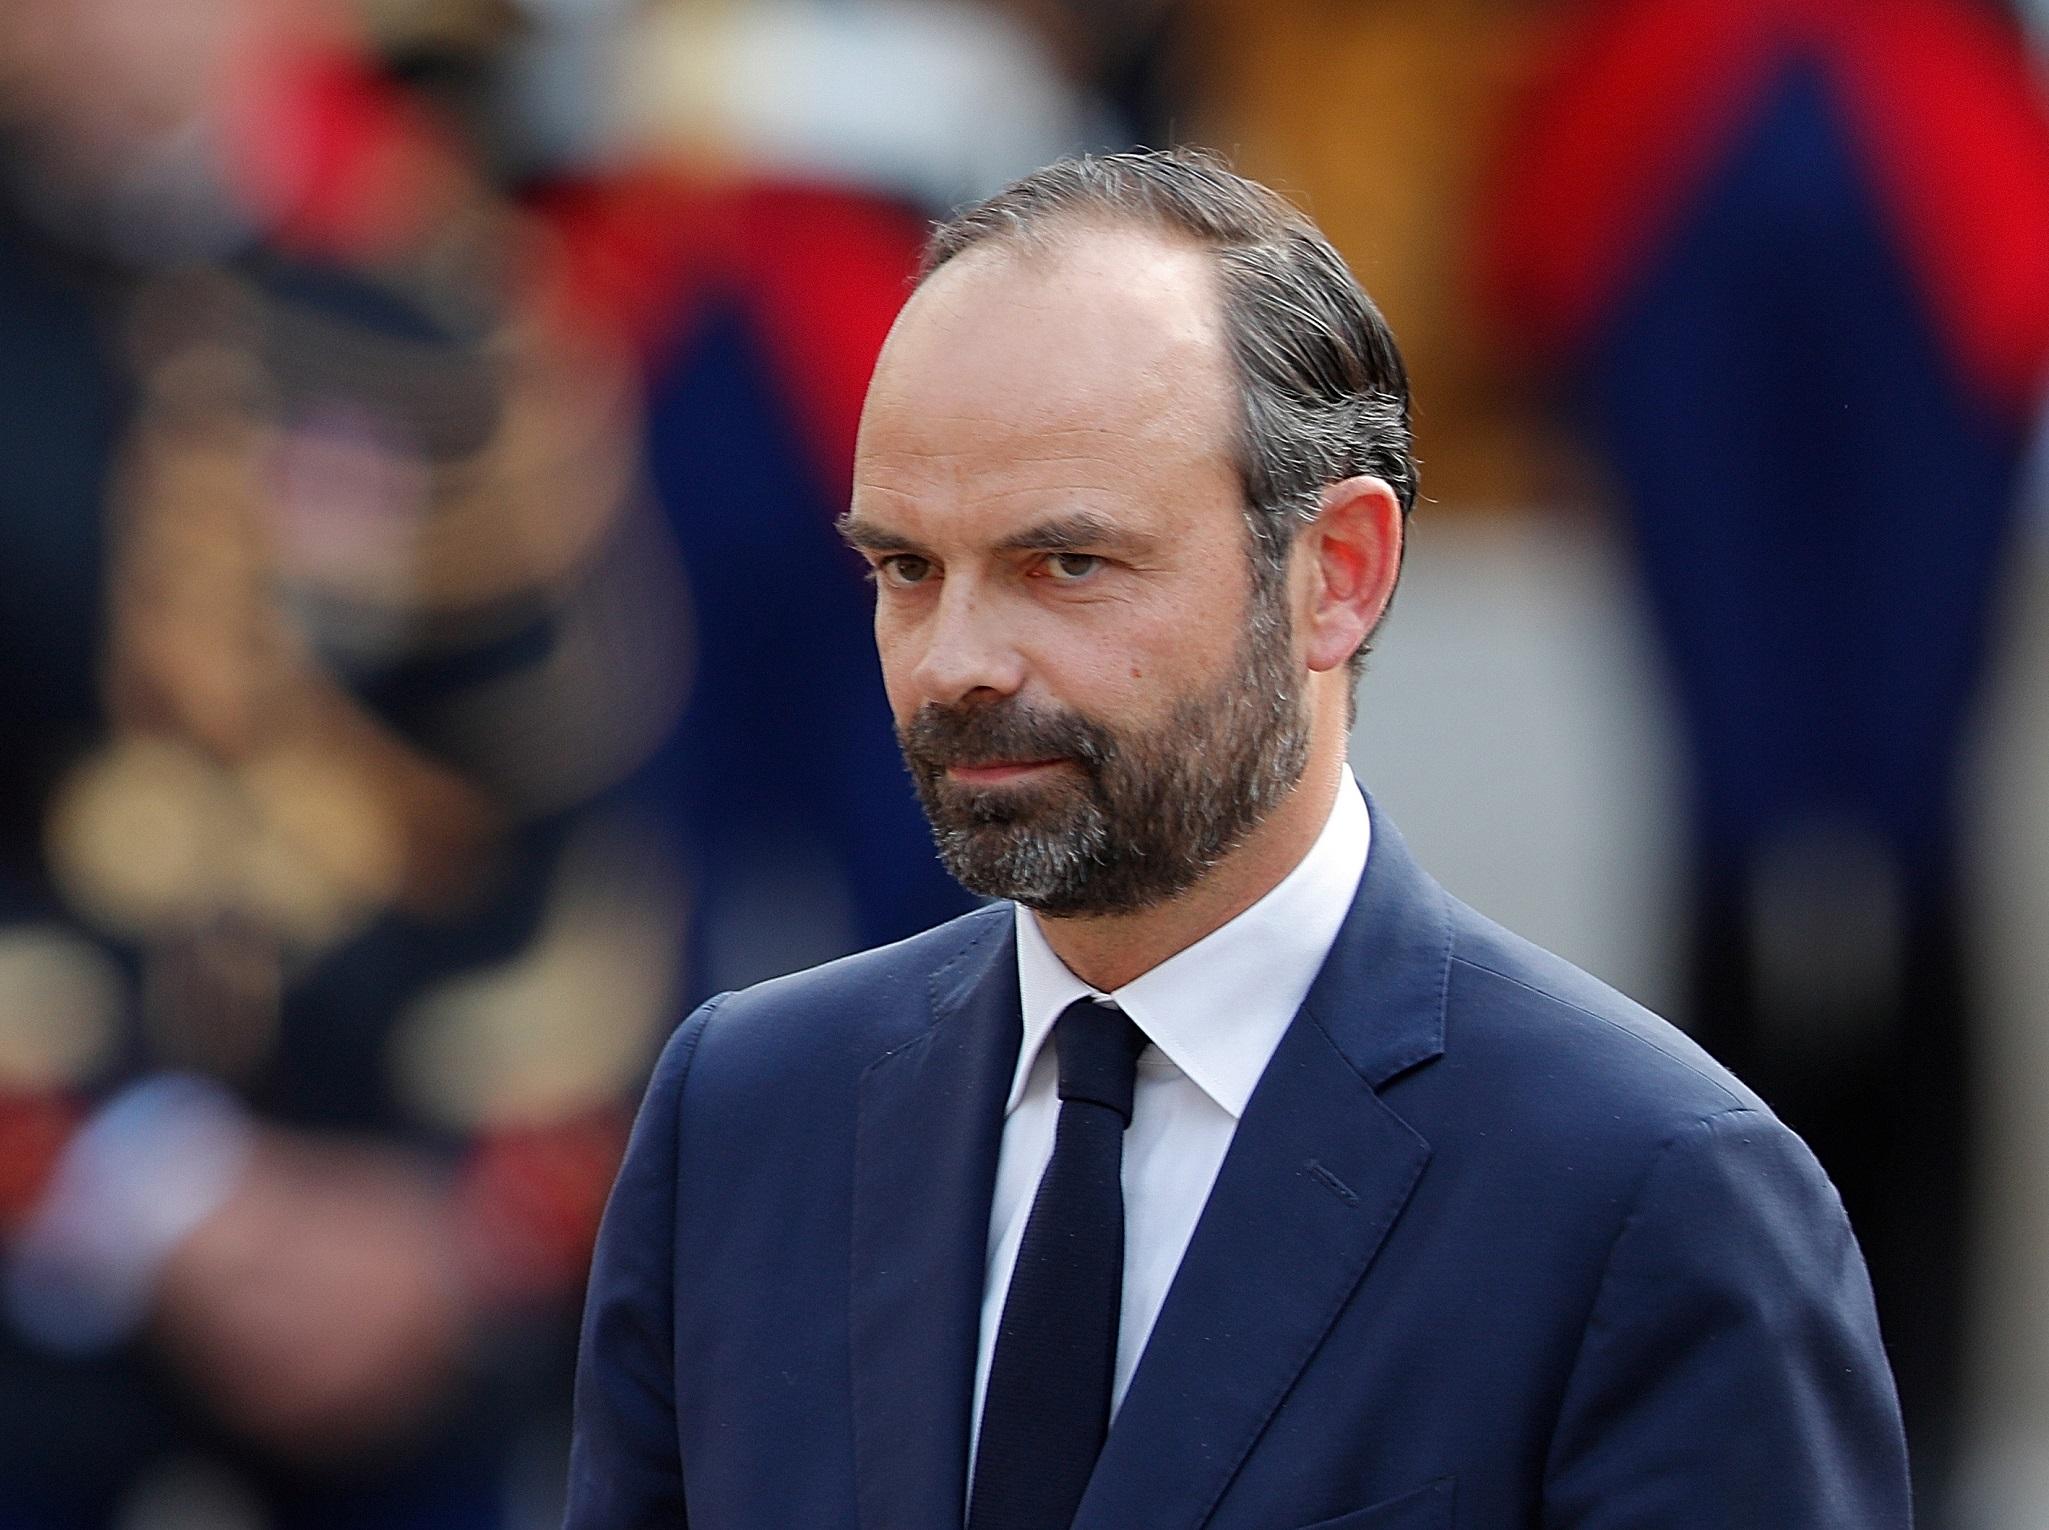 Saint-Martin: Le gouvernement confirme son aide de 62 millions d'euros à la Collectivité